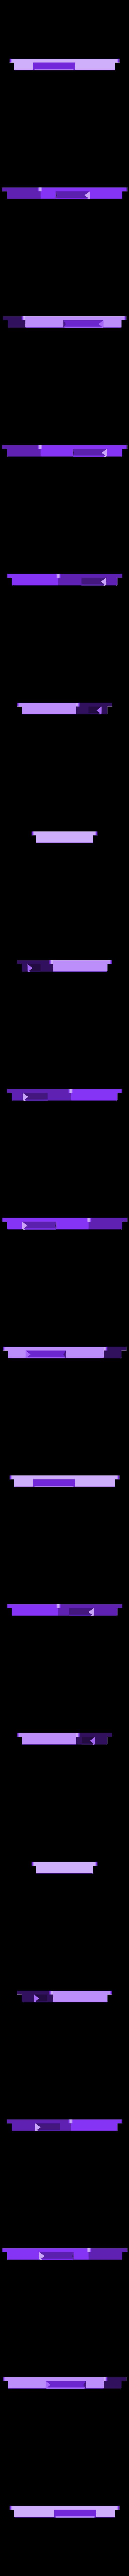 Top_Cover.stl Télécharger fichier STL gratuit Boîtier Snapfit pour le module d'amplification réglable DC-DC MT3608 avec micro USB • Plan pour impression 3D, SimonSeghers